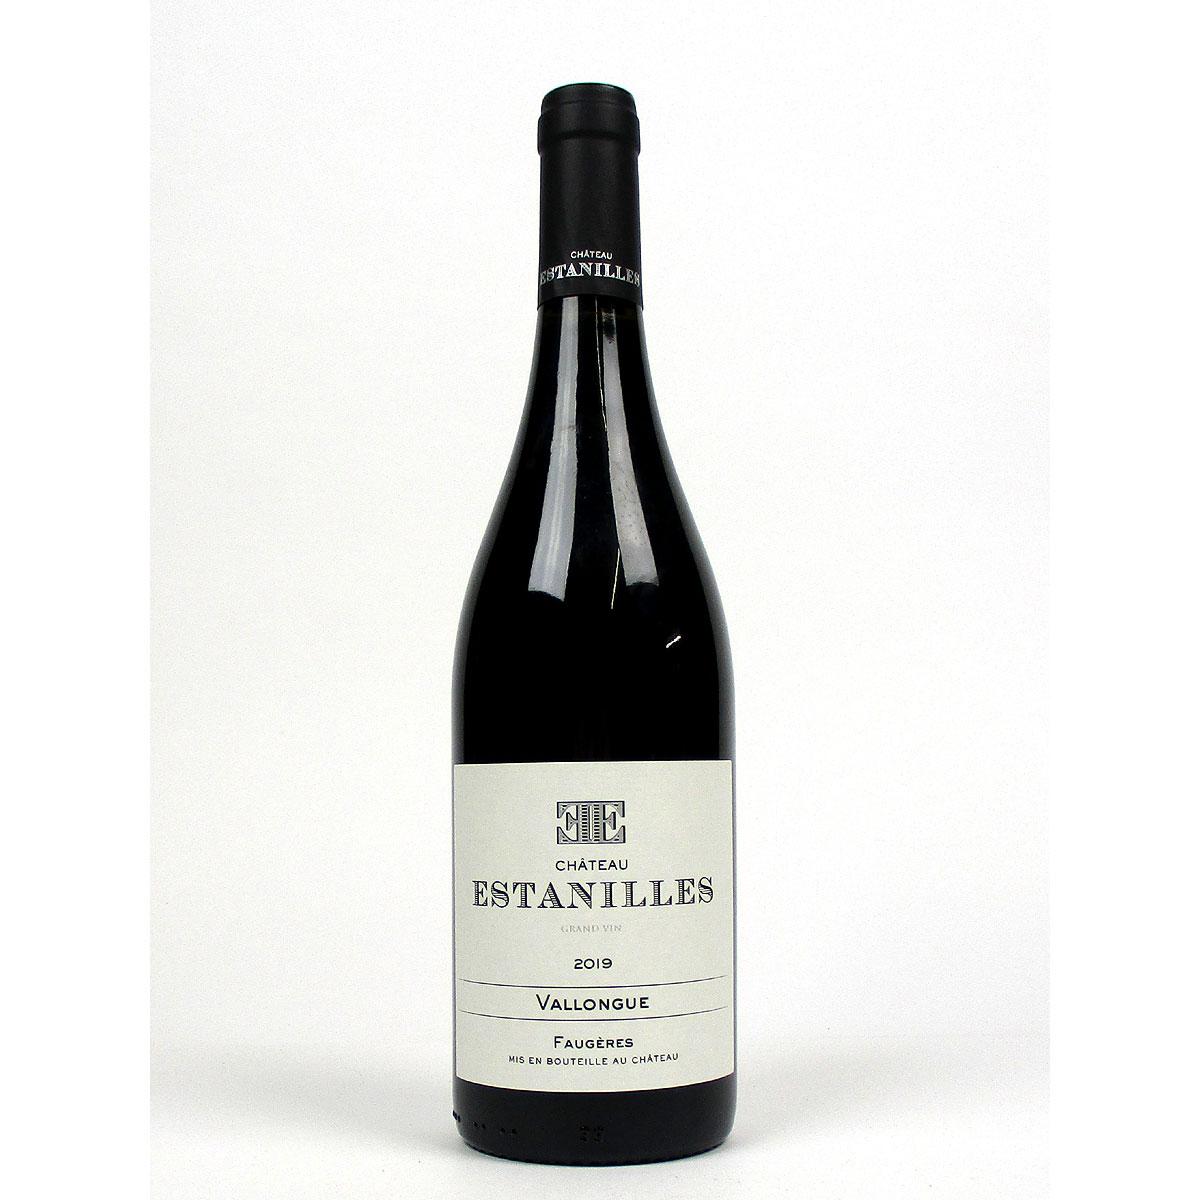 Faugères: Château Estanilles 'Vallongue' Rouge 2019 - Bottle